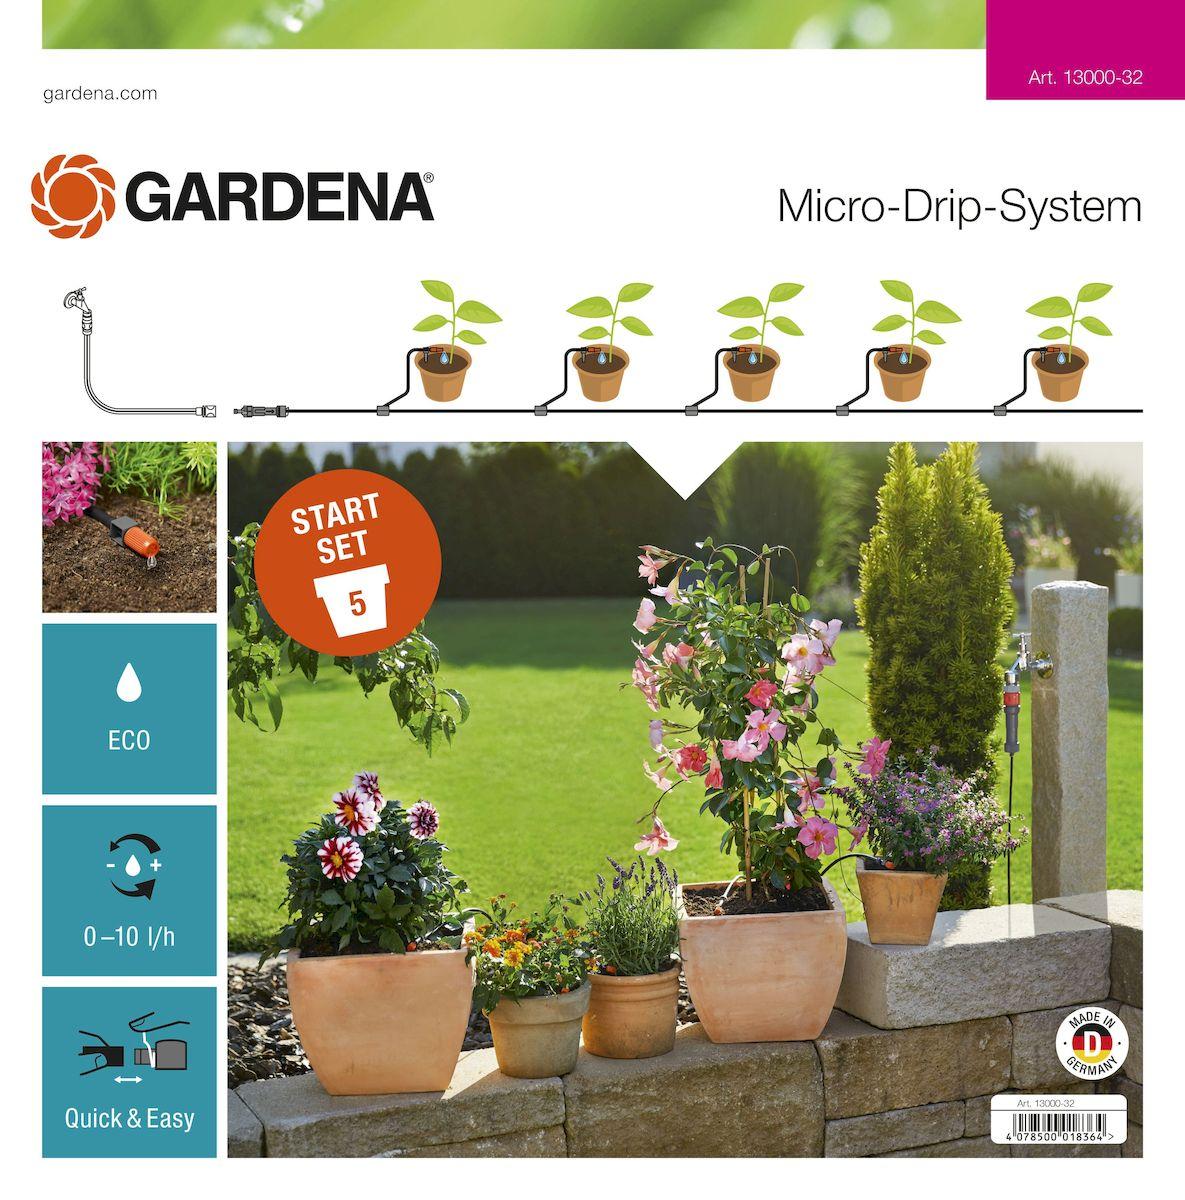 Комплект микрокапельного полива террасовый Gardena, базовыйА00319Комплект для террас Gardena предназначен для микрокапельного полива, который может применяться в различных целях. Комплект может использоваться для полива пяти горшечных растений, но в любом случае это оптимальный набор инструментов для создания базовой системы микрокапельного полива Gardena. Такие элементы позволяют создать систему для удобного полива необходимых растений. Предусмотрена возможность включения в систему дополнительных элементов. В комплект входит: - мастер-блок 1000; - переходник для шланга;- шланг подающий 10 м; - колышки для крепления шлангов 4,6 мм (3/16), 5 шт;- соединитель Т-образный 4,6 мм (3/16), 5 шт;- заглушка 4,6 мм (3/16); - регулируемая концевая капельница (0-10 л/час), 5 шт.Благодаря патентованной технологии быстрого подсоединения Quick & Easy, все элементы легко соединяются и разъединяются.